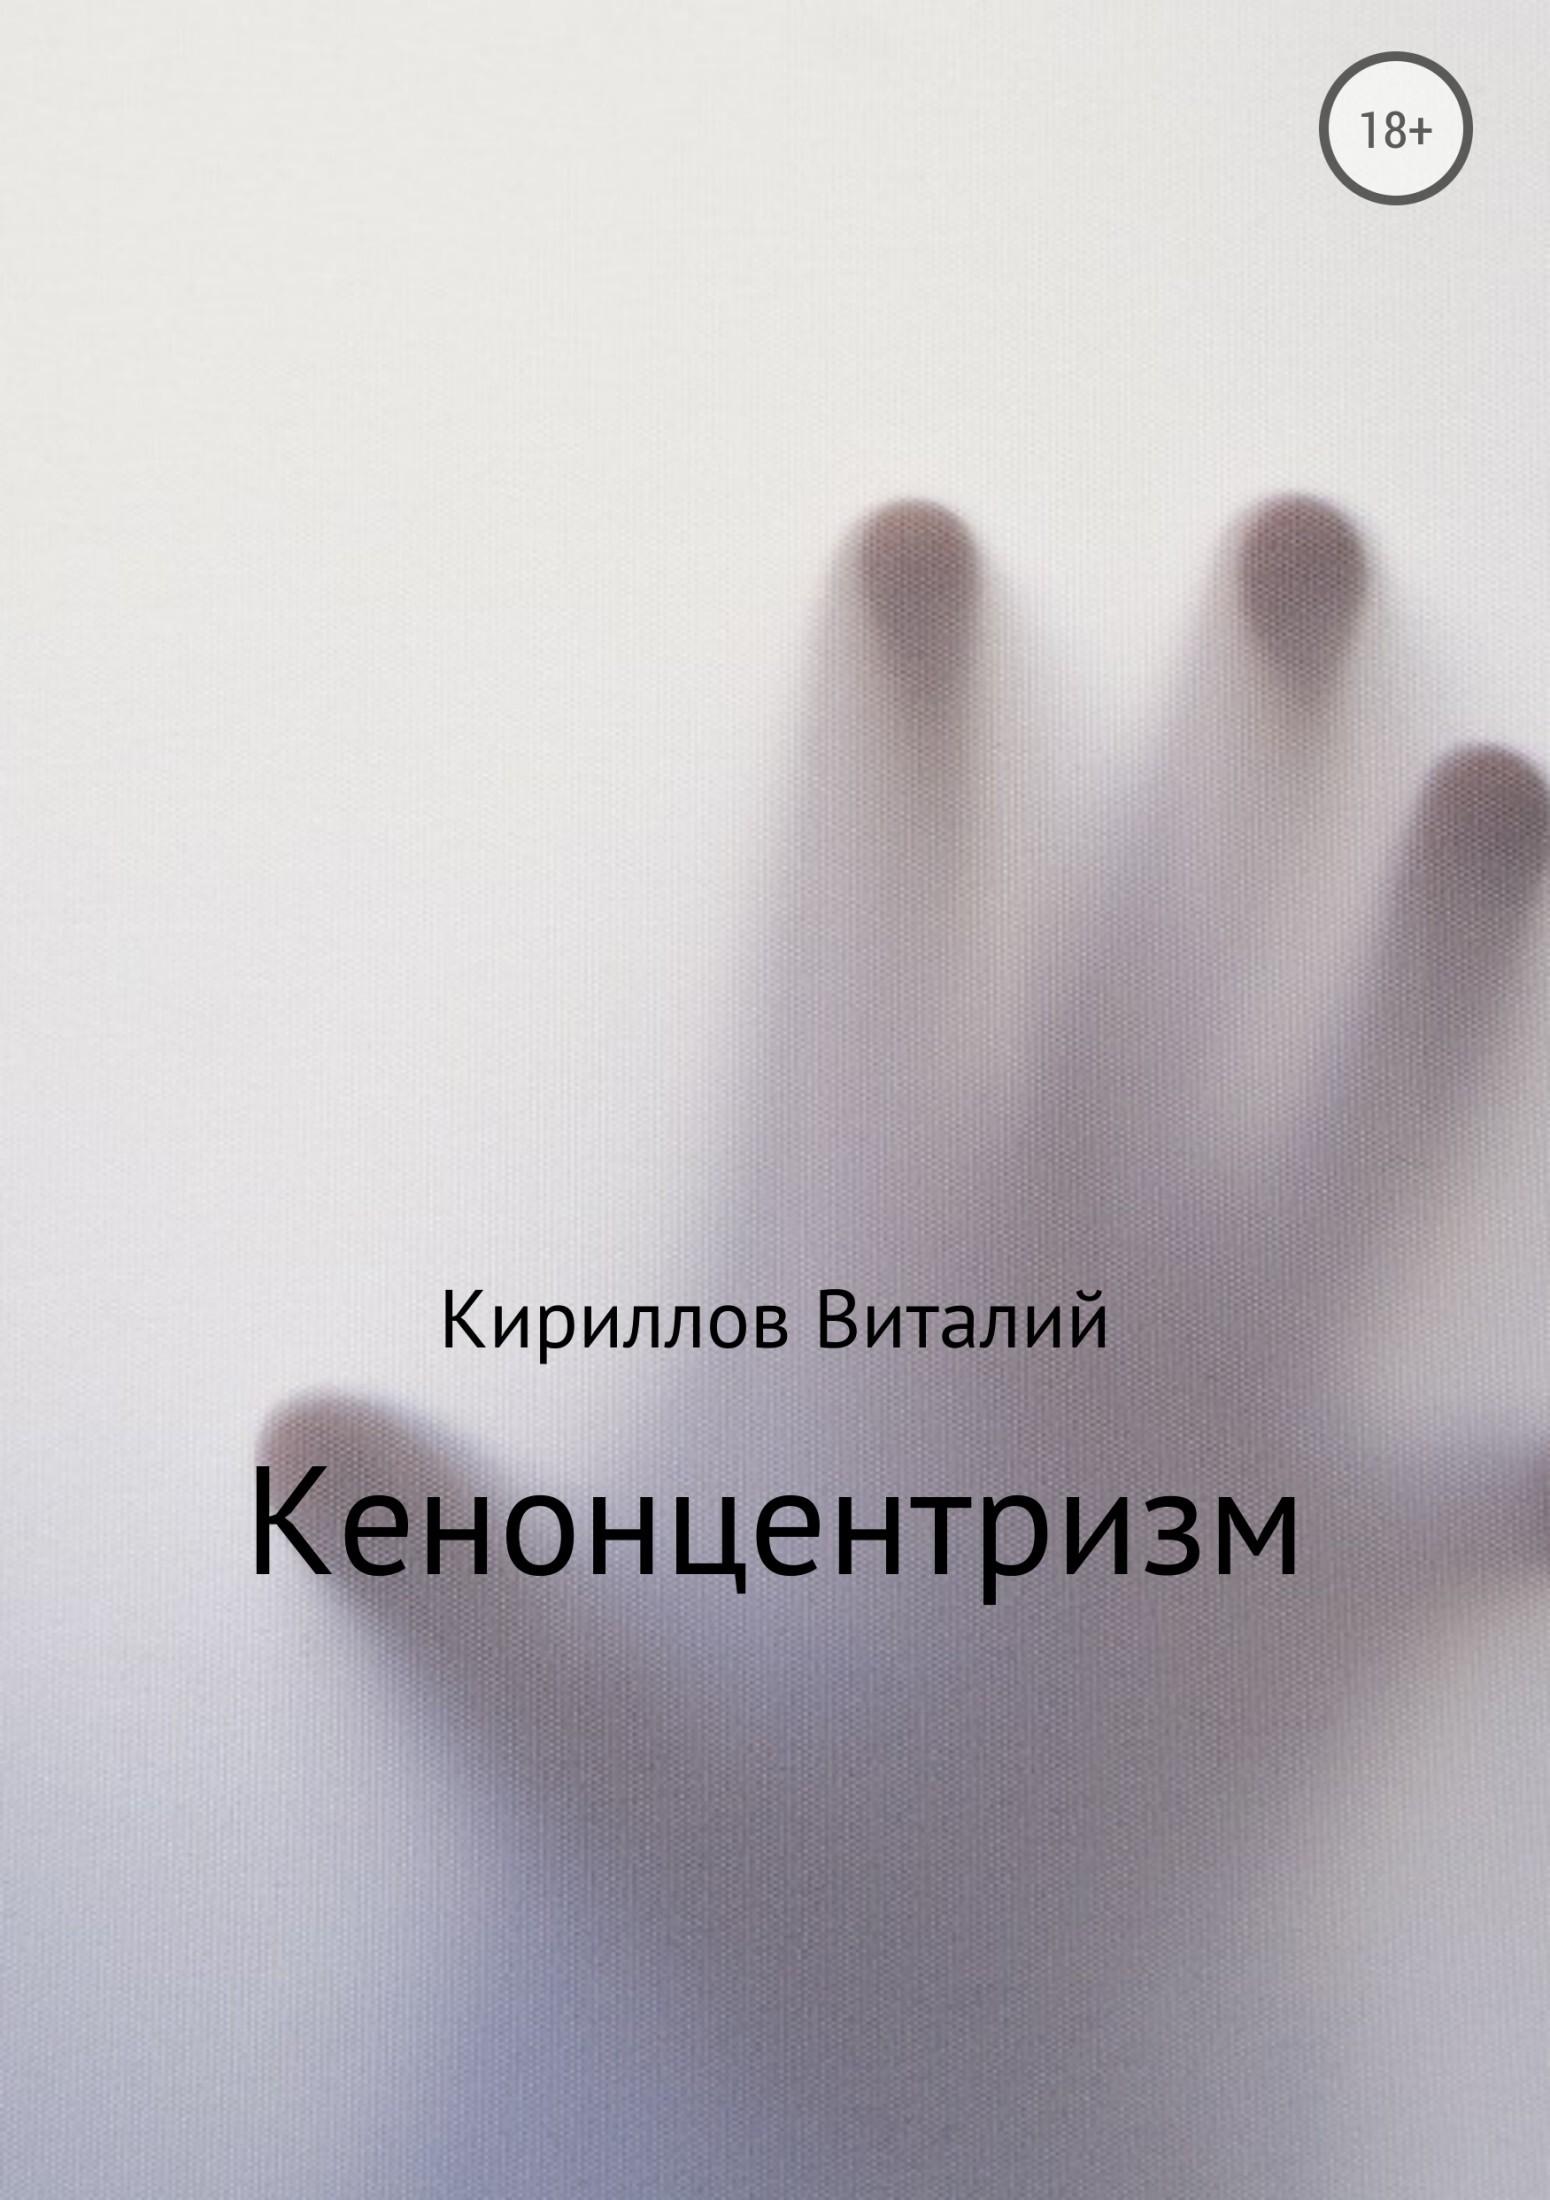 Кенонцентризм_Виталий Александрович Кириллов